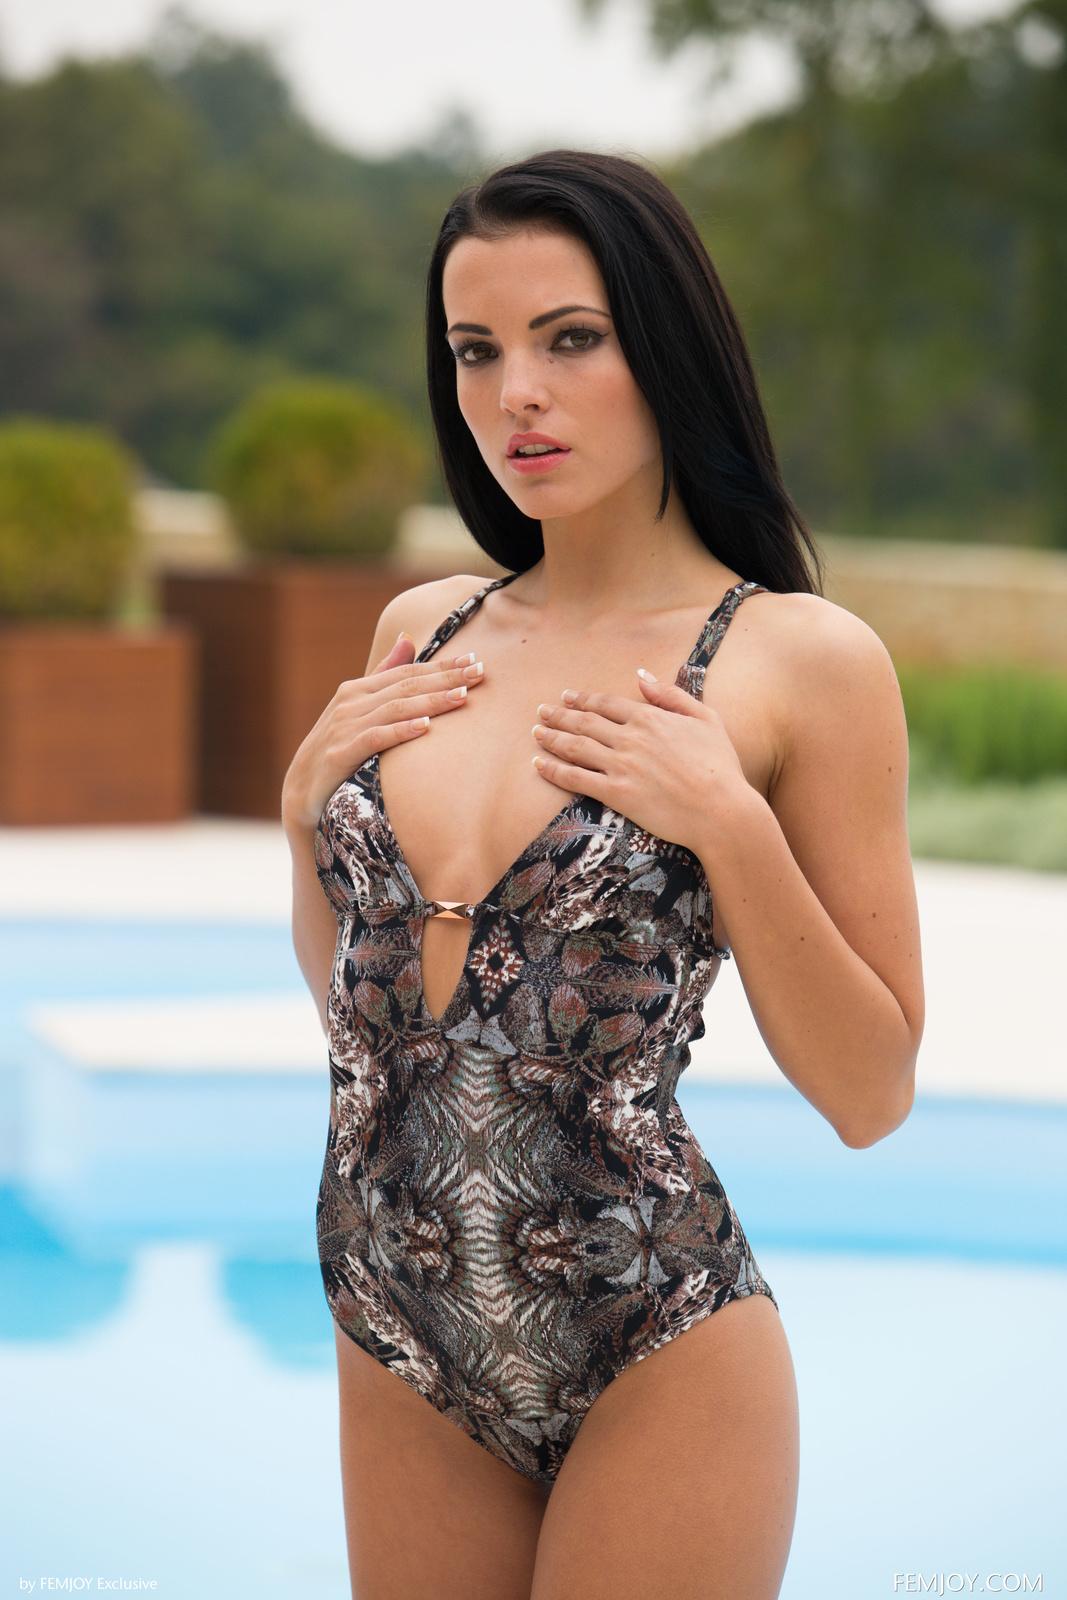 Zdjęcie porno - 069 - Dziewczyna przy basenie